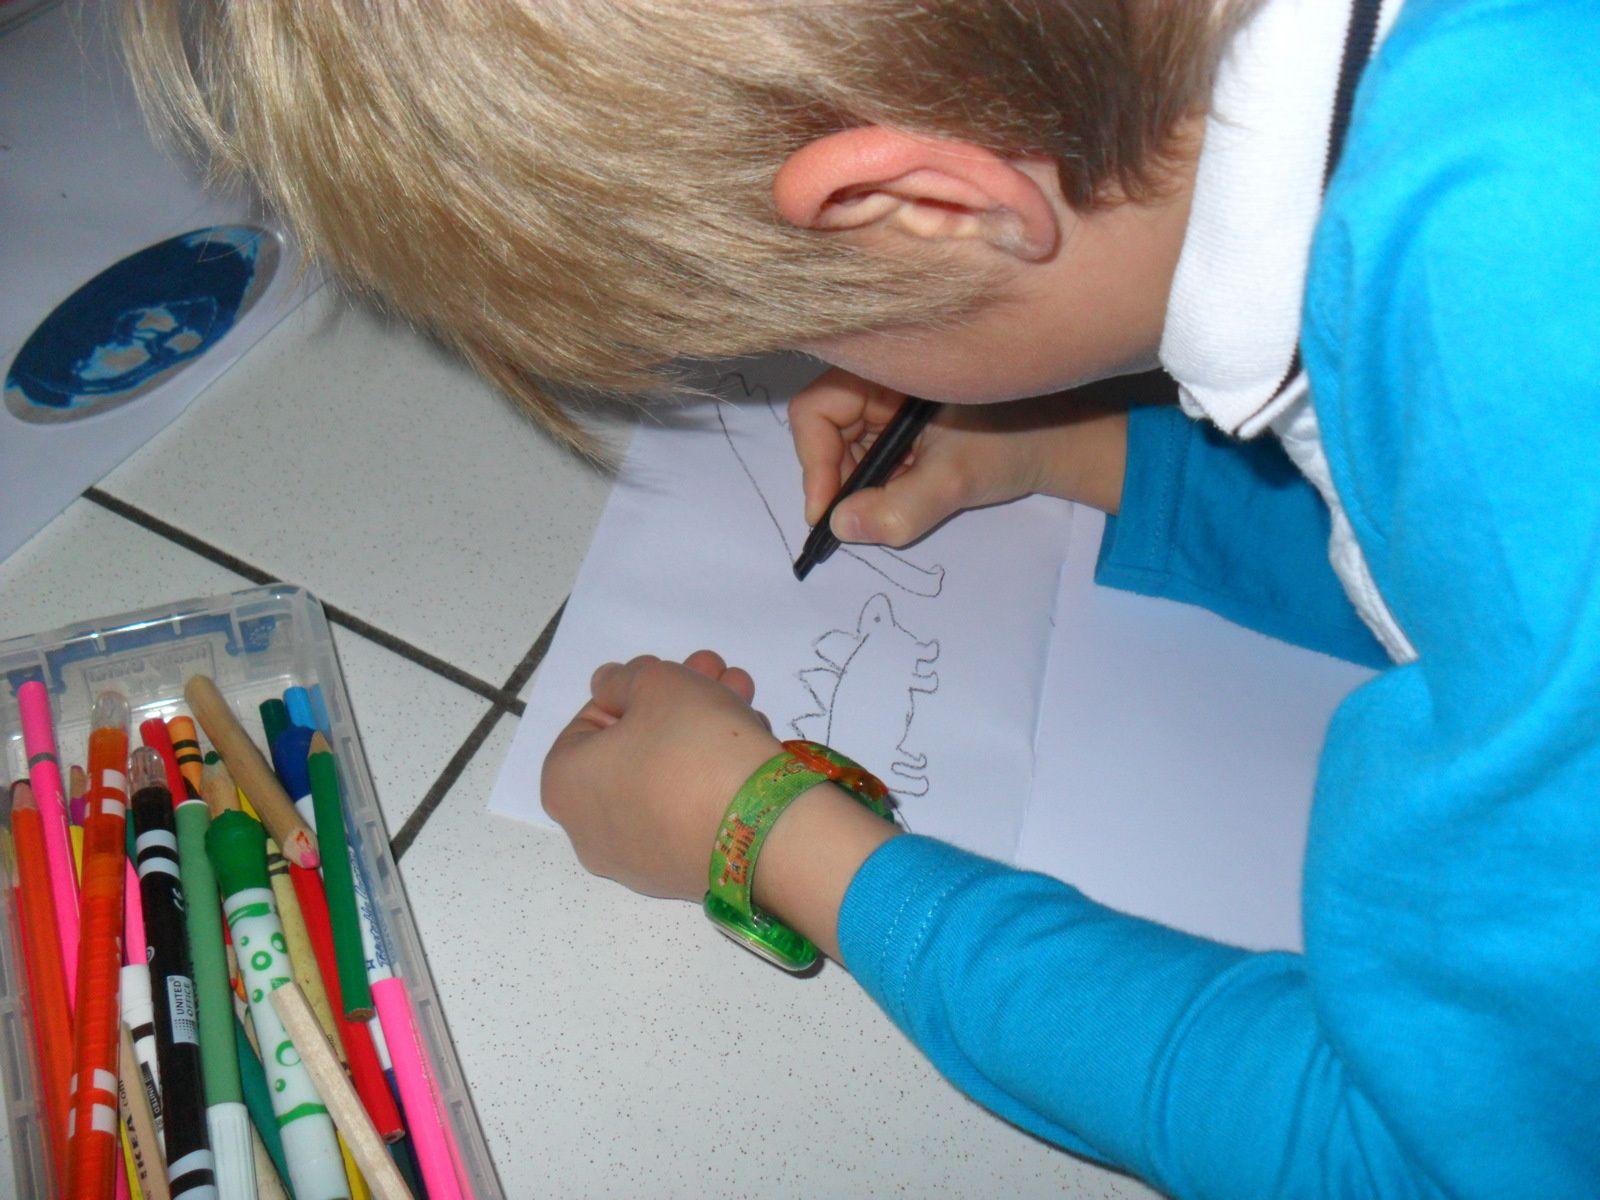 Les enfants ont reçu un petit livret de feuilles blanches. Ils pouvaient choisir un animal et le dessiner, soit en s'aidant de la frise, soit en s'aidant des cartes de nomenclatures.